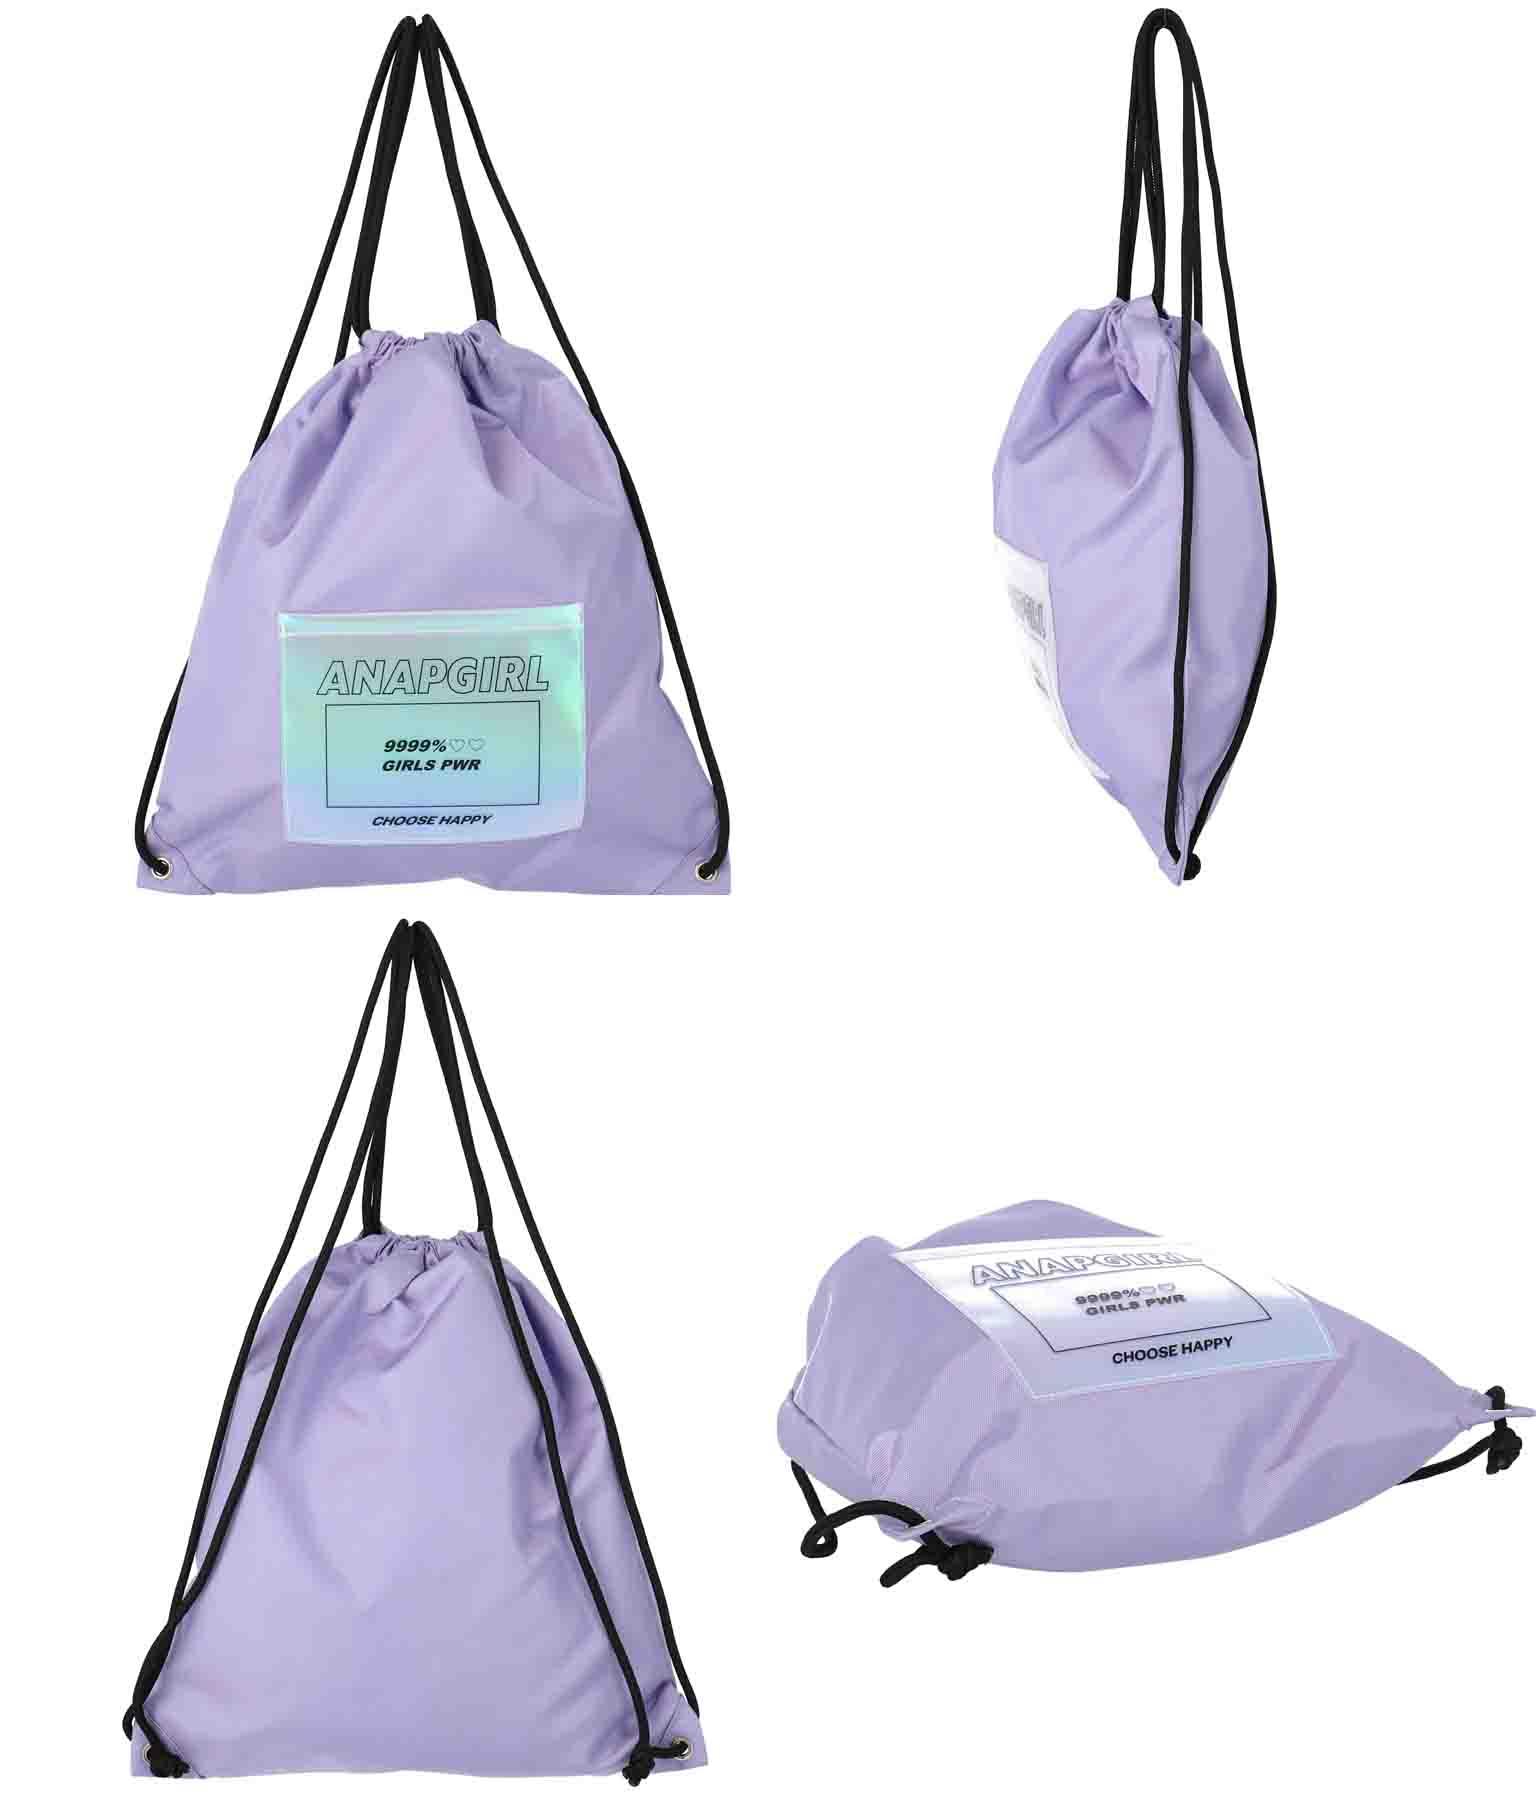 ホログラムポケット付ナップサック(バッグ・鞄・小物/バックパック・リュック) | ANAP GiRL